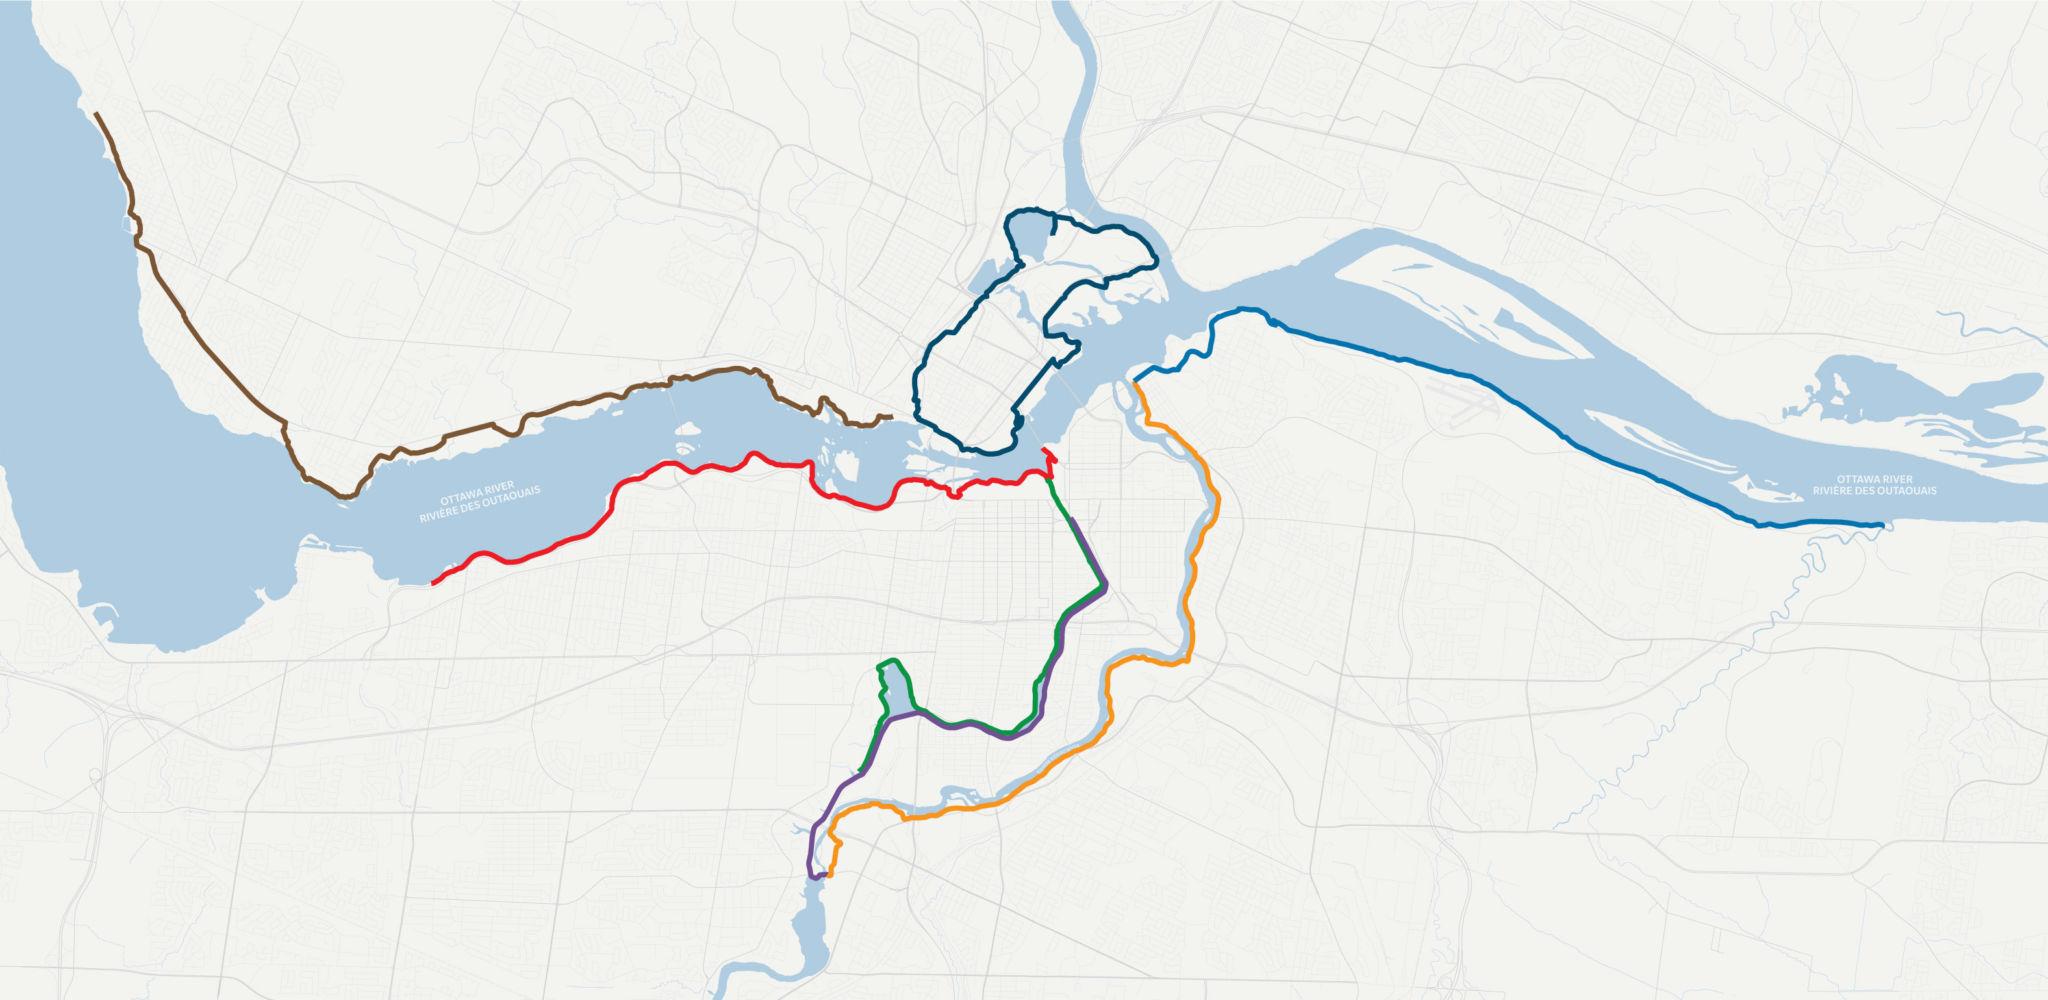 Carte illustrant les sept itinéraires dont il est question dans le blogue, chacun ayant sa couleur propre.